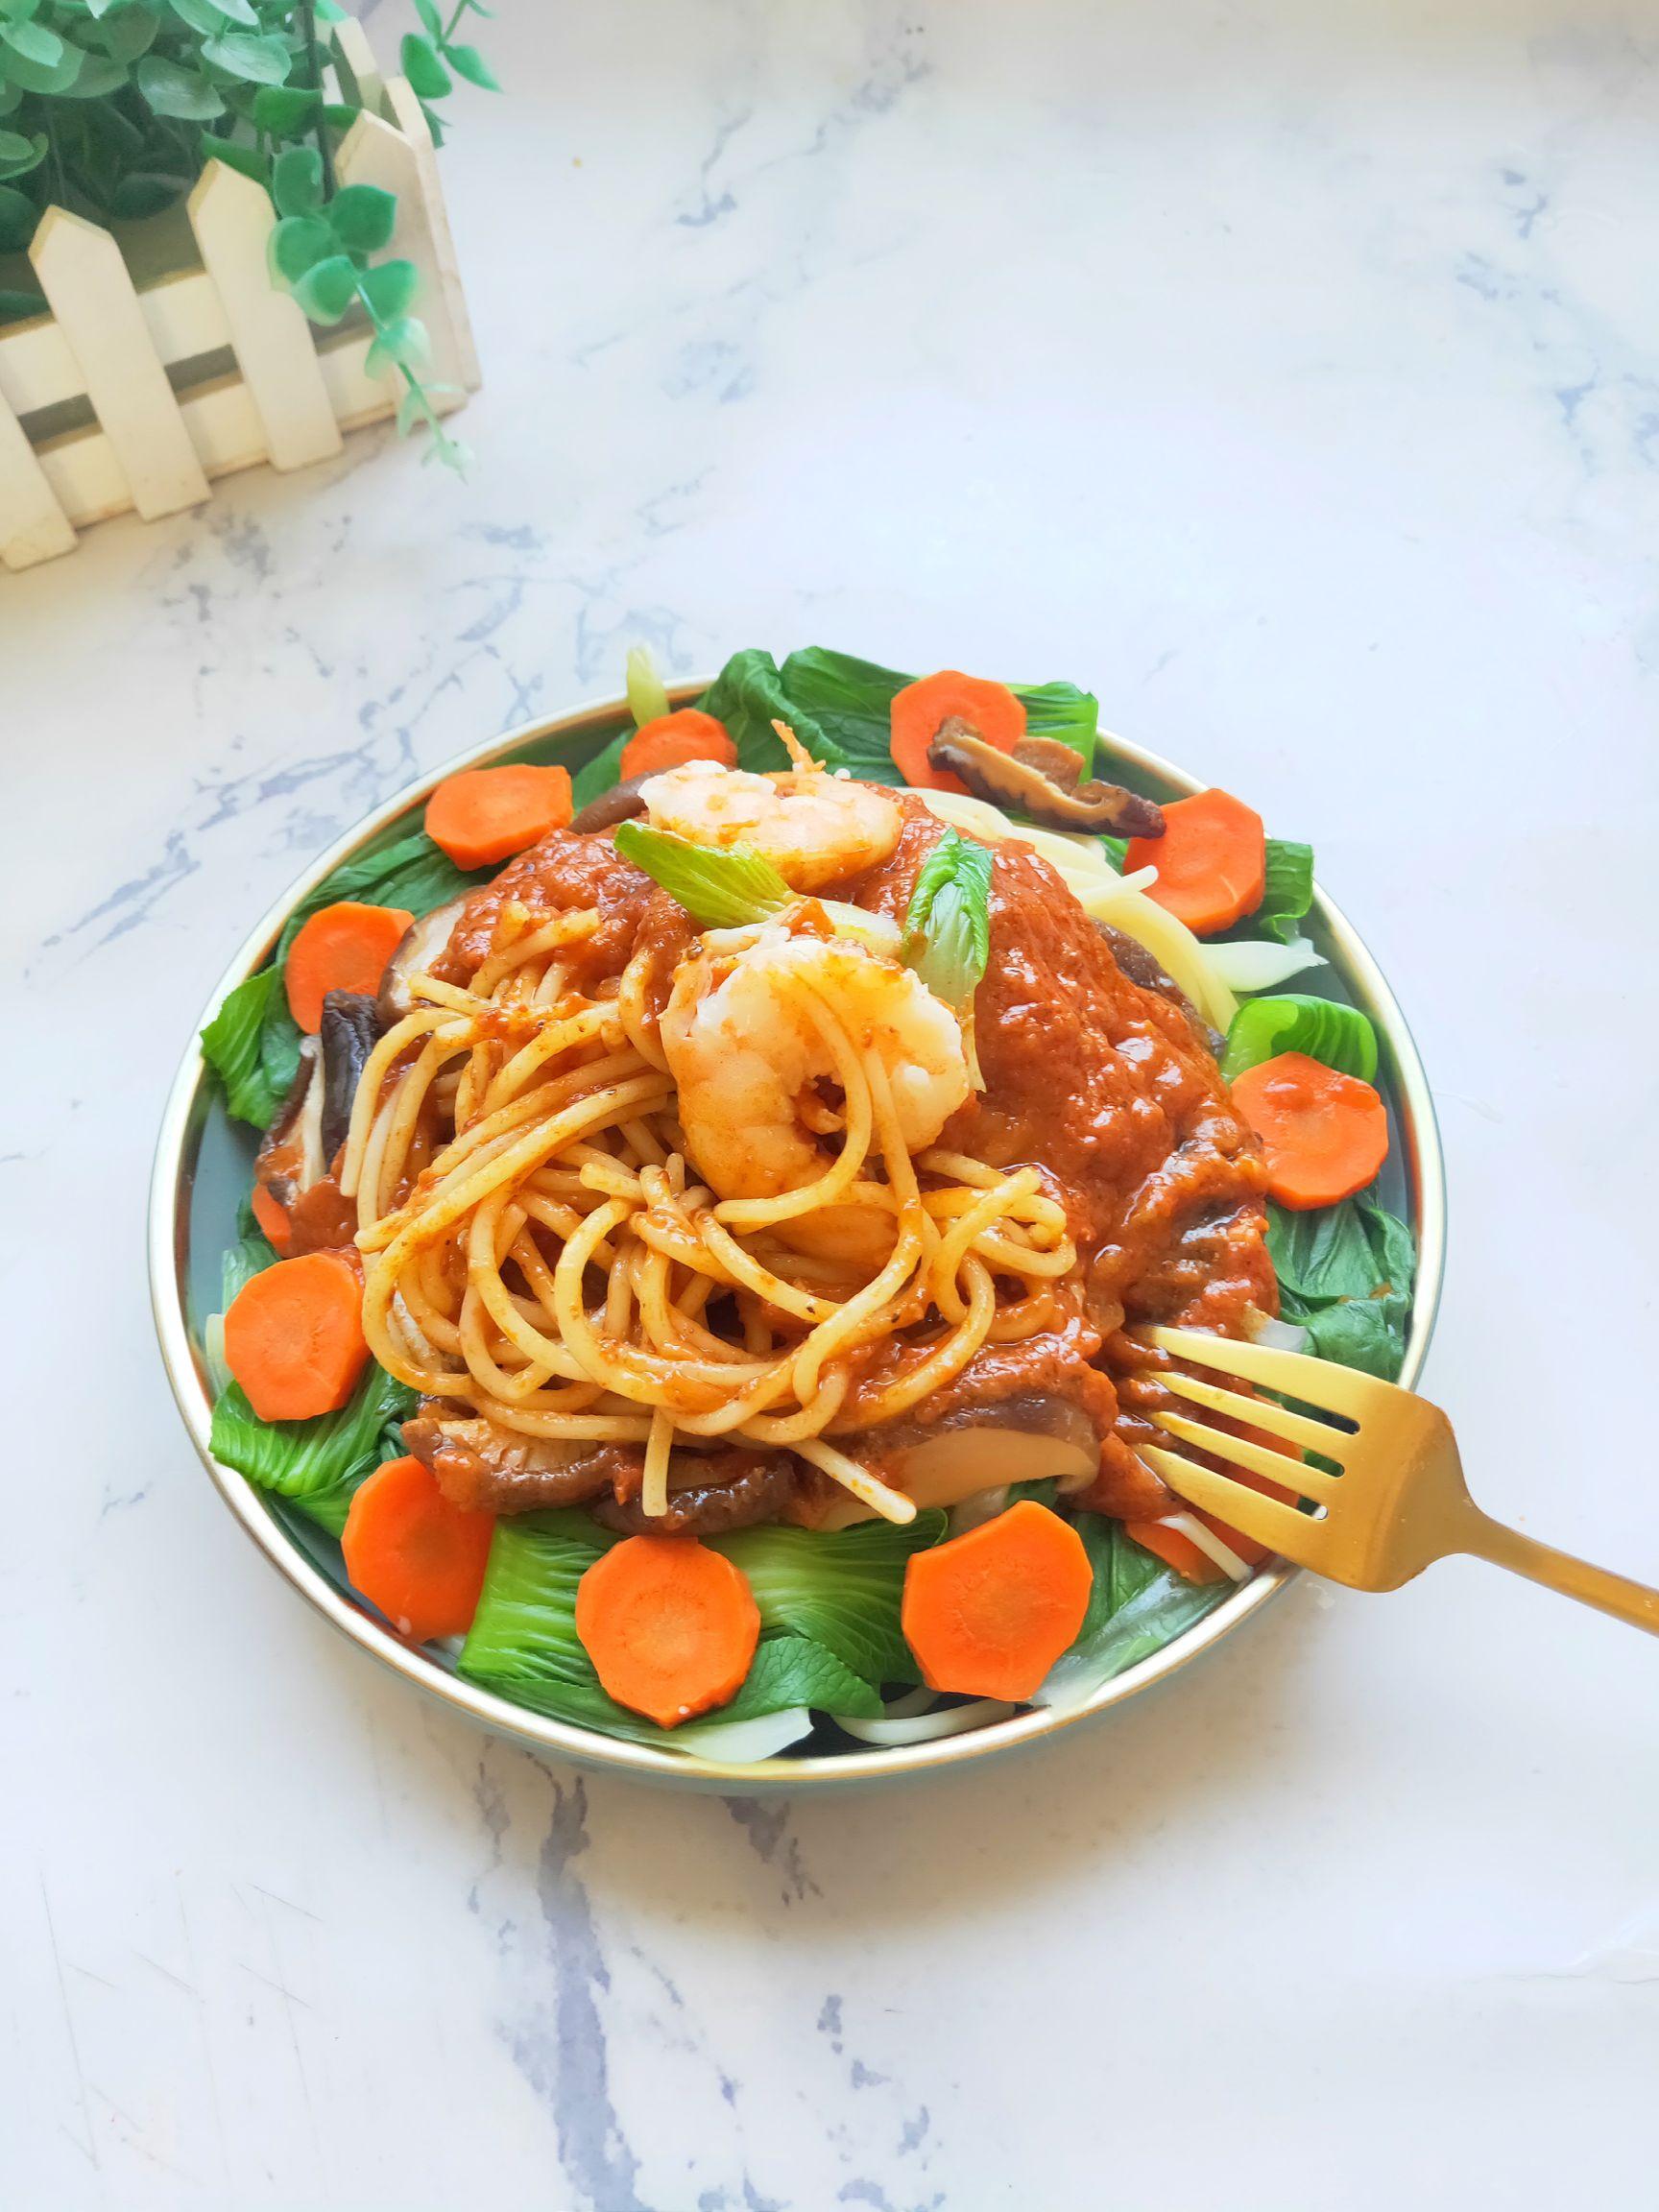 意大利肉酱鲜虾面的做法图解